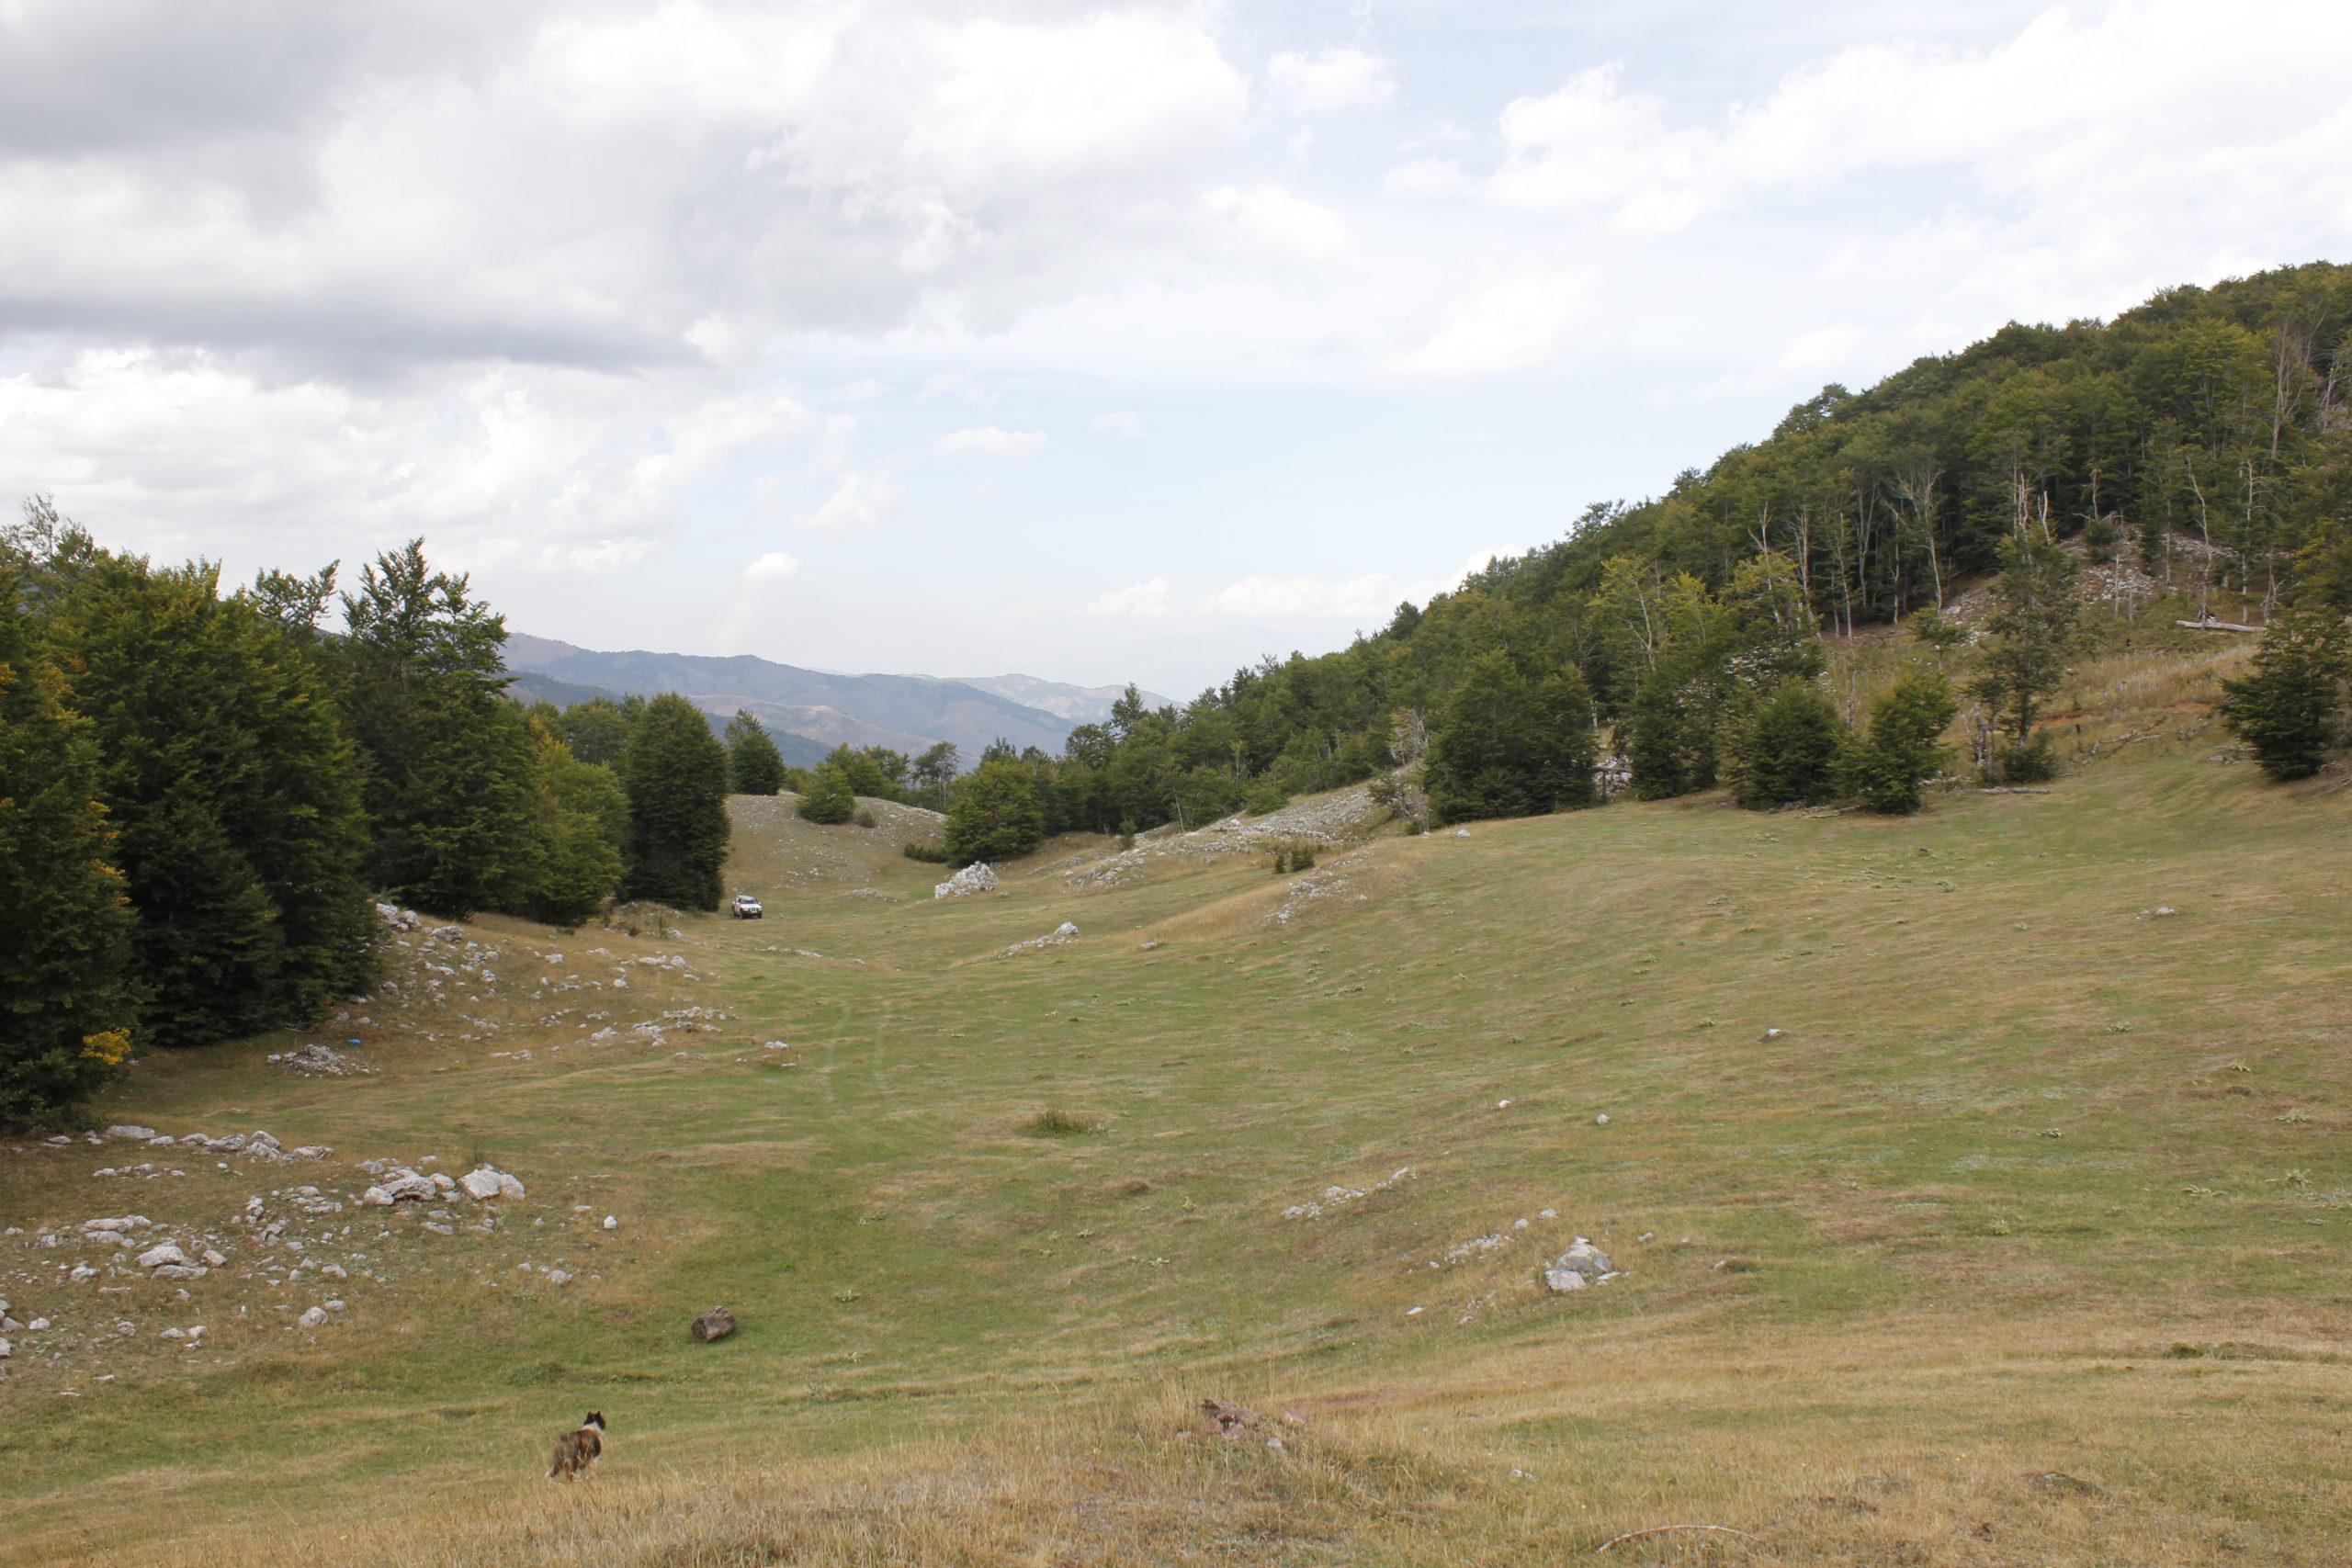 4x4 Abenteuerreise: Albanien so nah und doch so fremd 11